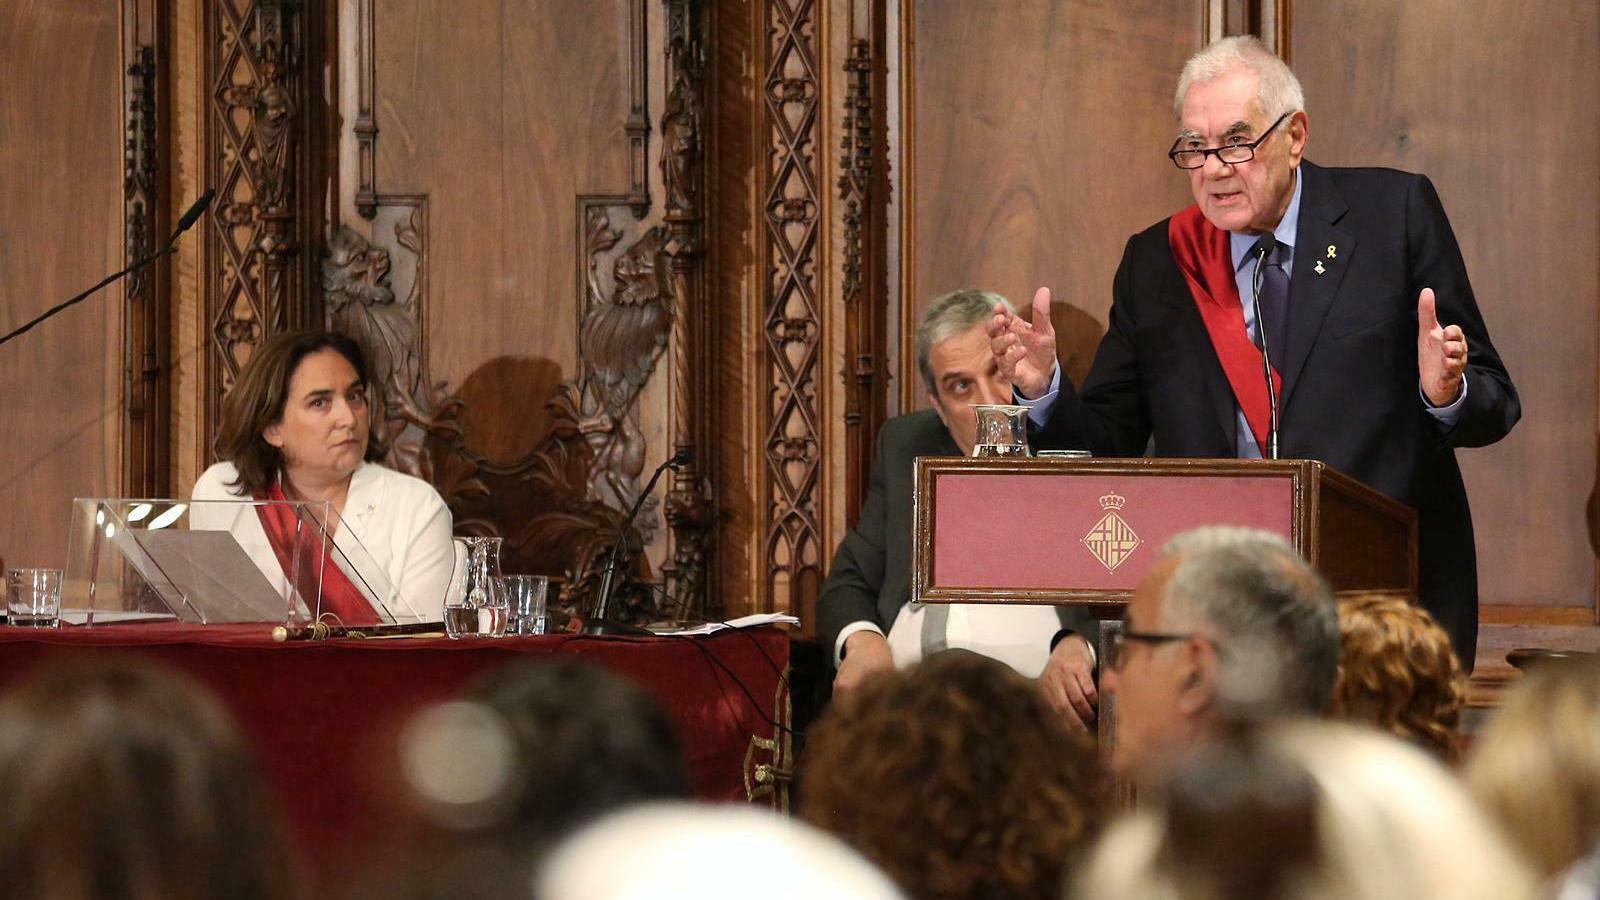 EN DIRECTE: Els regidors de Barcelona saluden Torra al Palau de la Generalitat